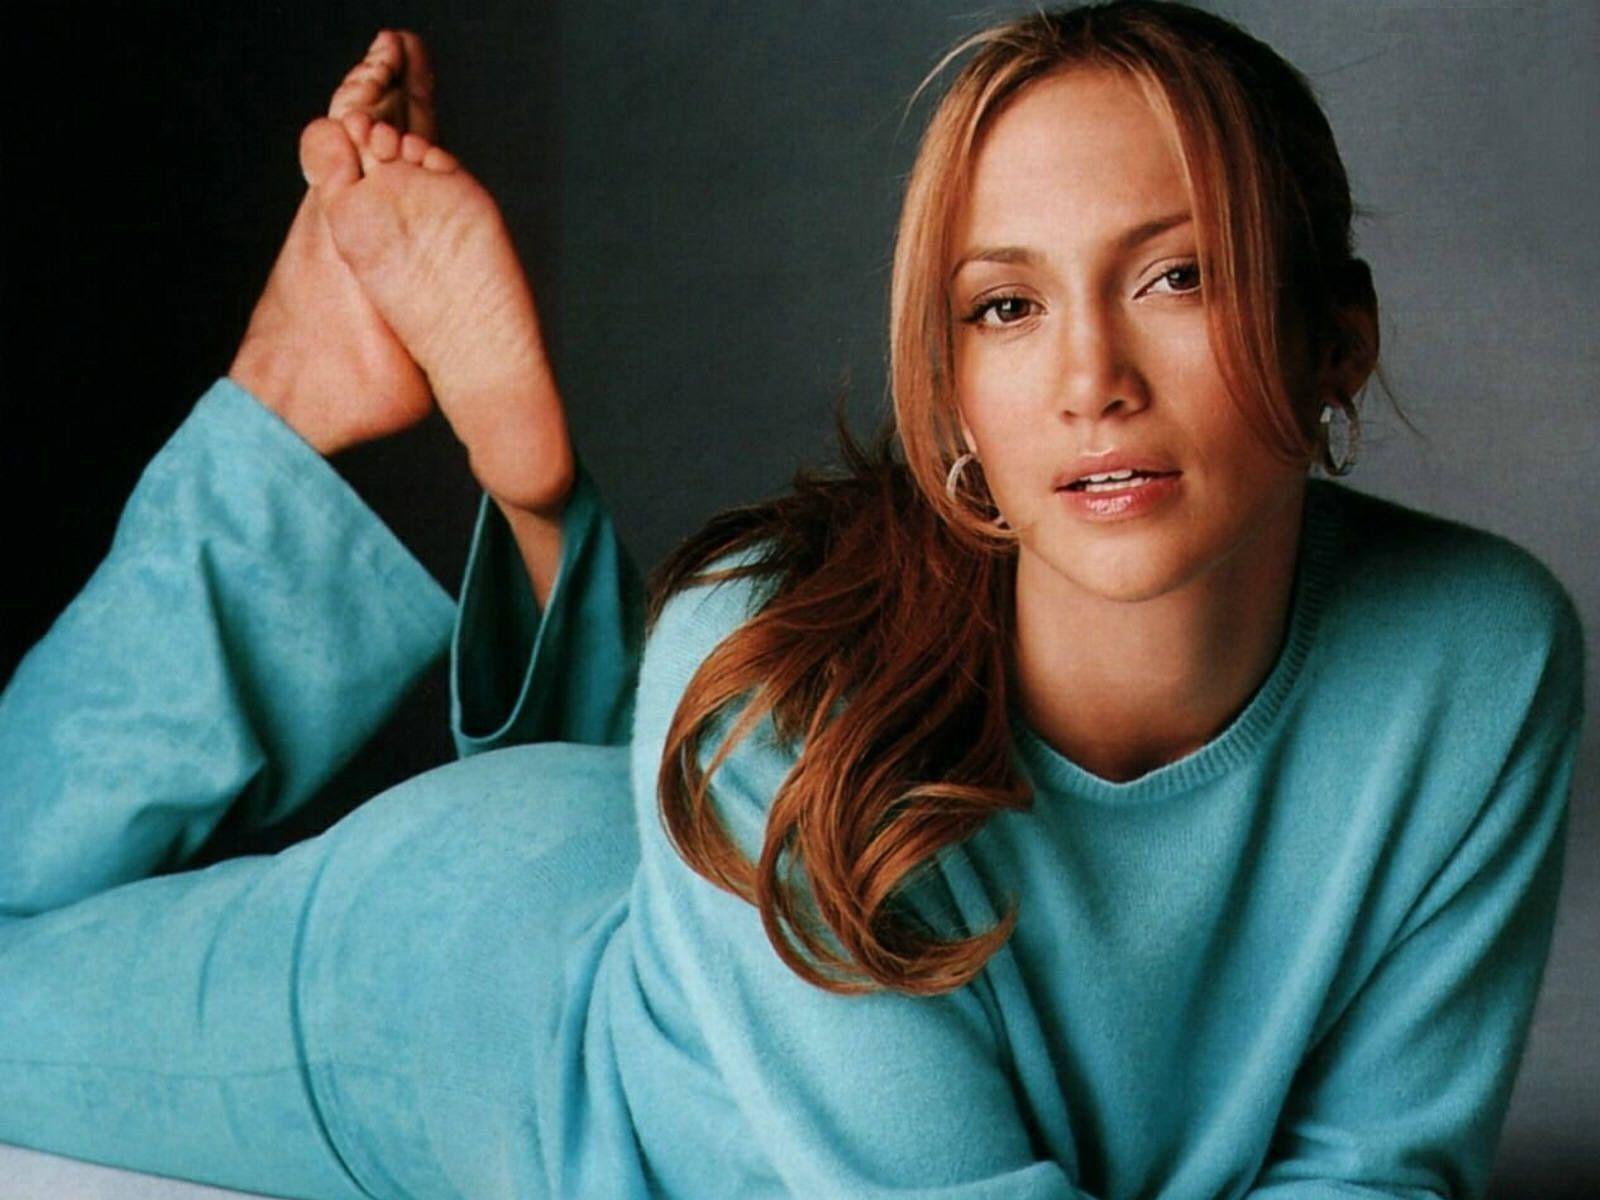 http://4.bp.blogspot.com/-_ZDNkjLoj7s/UDuHZZ_VFaI/AAAAAAAAANg/UjzmXbGmEy0/s1600/Sexy_Hot_Jennifer_Lopez_Wallpaper_GQQNUD.jpg